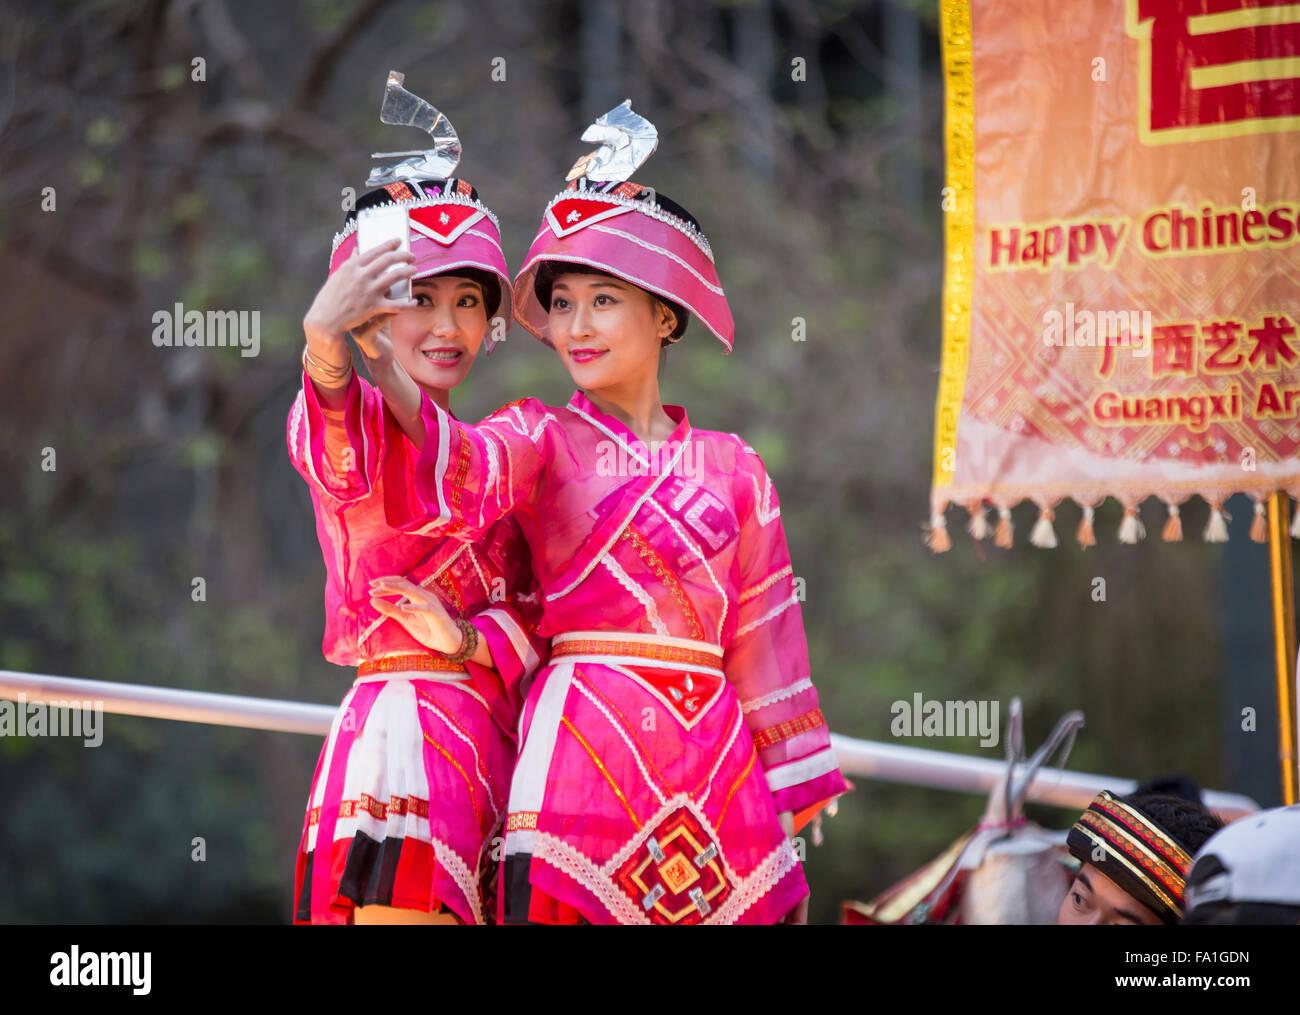 Le donne cinesi vestito in abiti colorati prendendo un selfie in cima galleggiante a San Francisco il Capodanno Immagini Stock